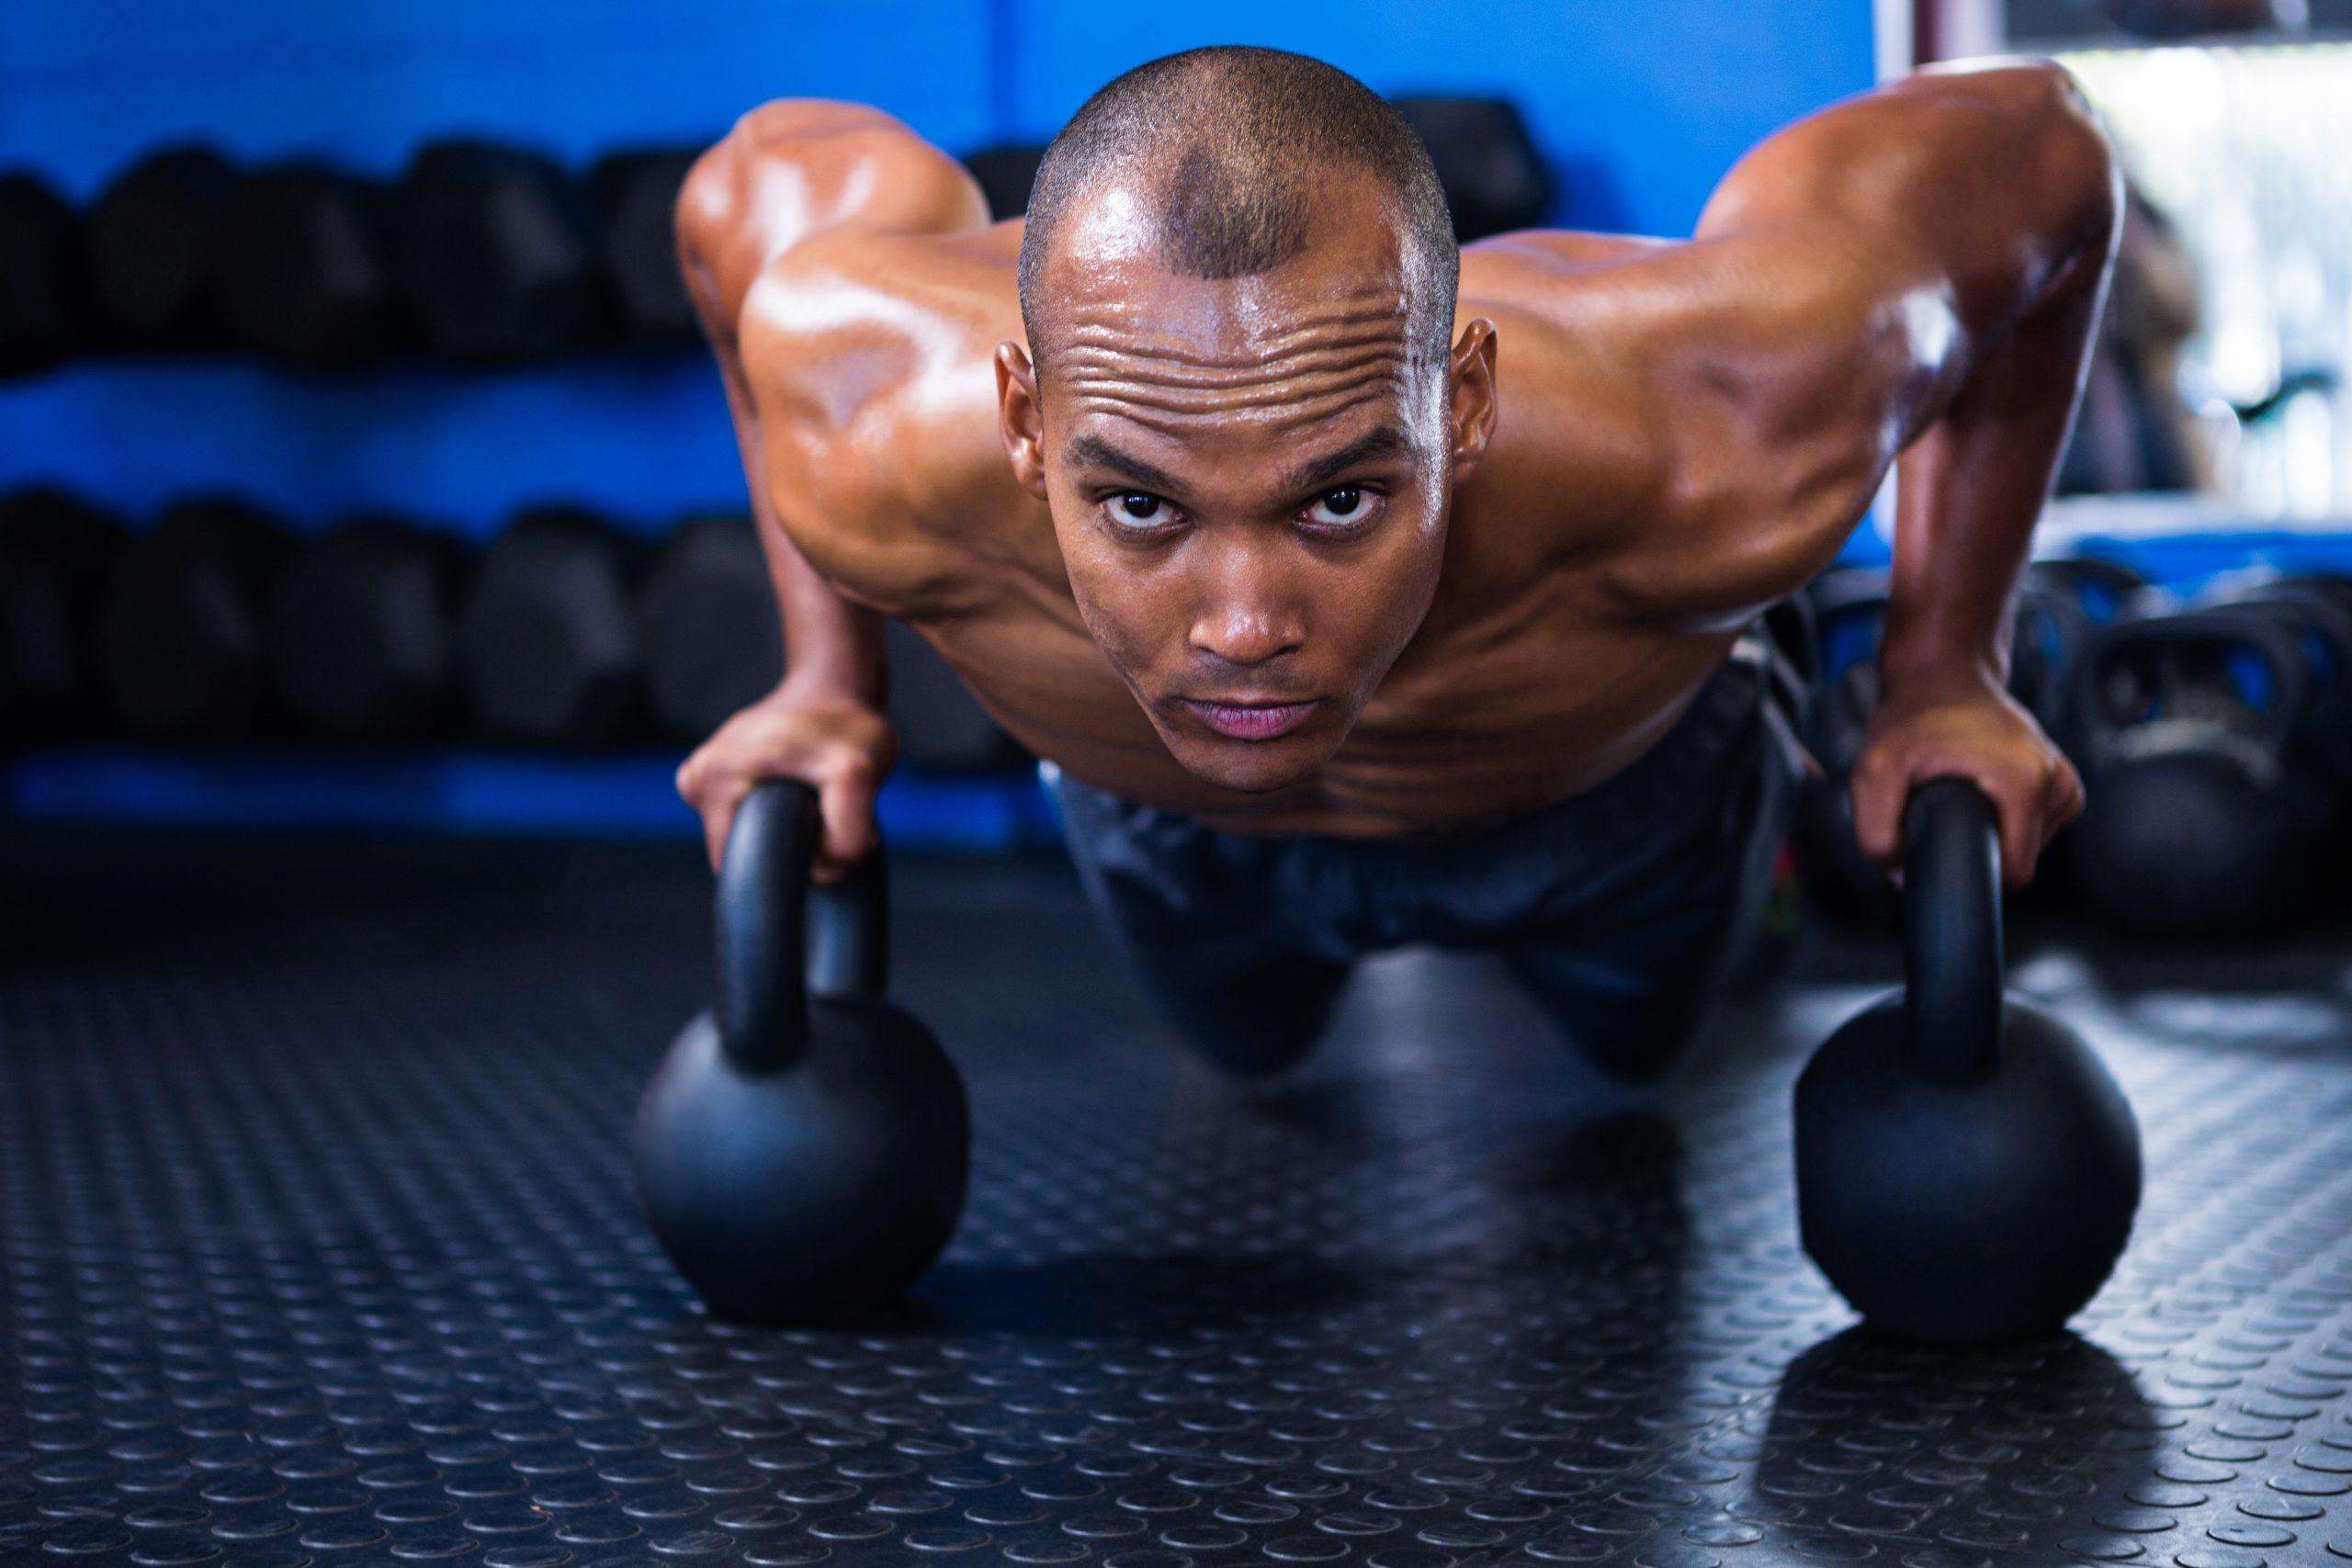 Vélo et musculation : Les exercices utiles